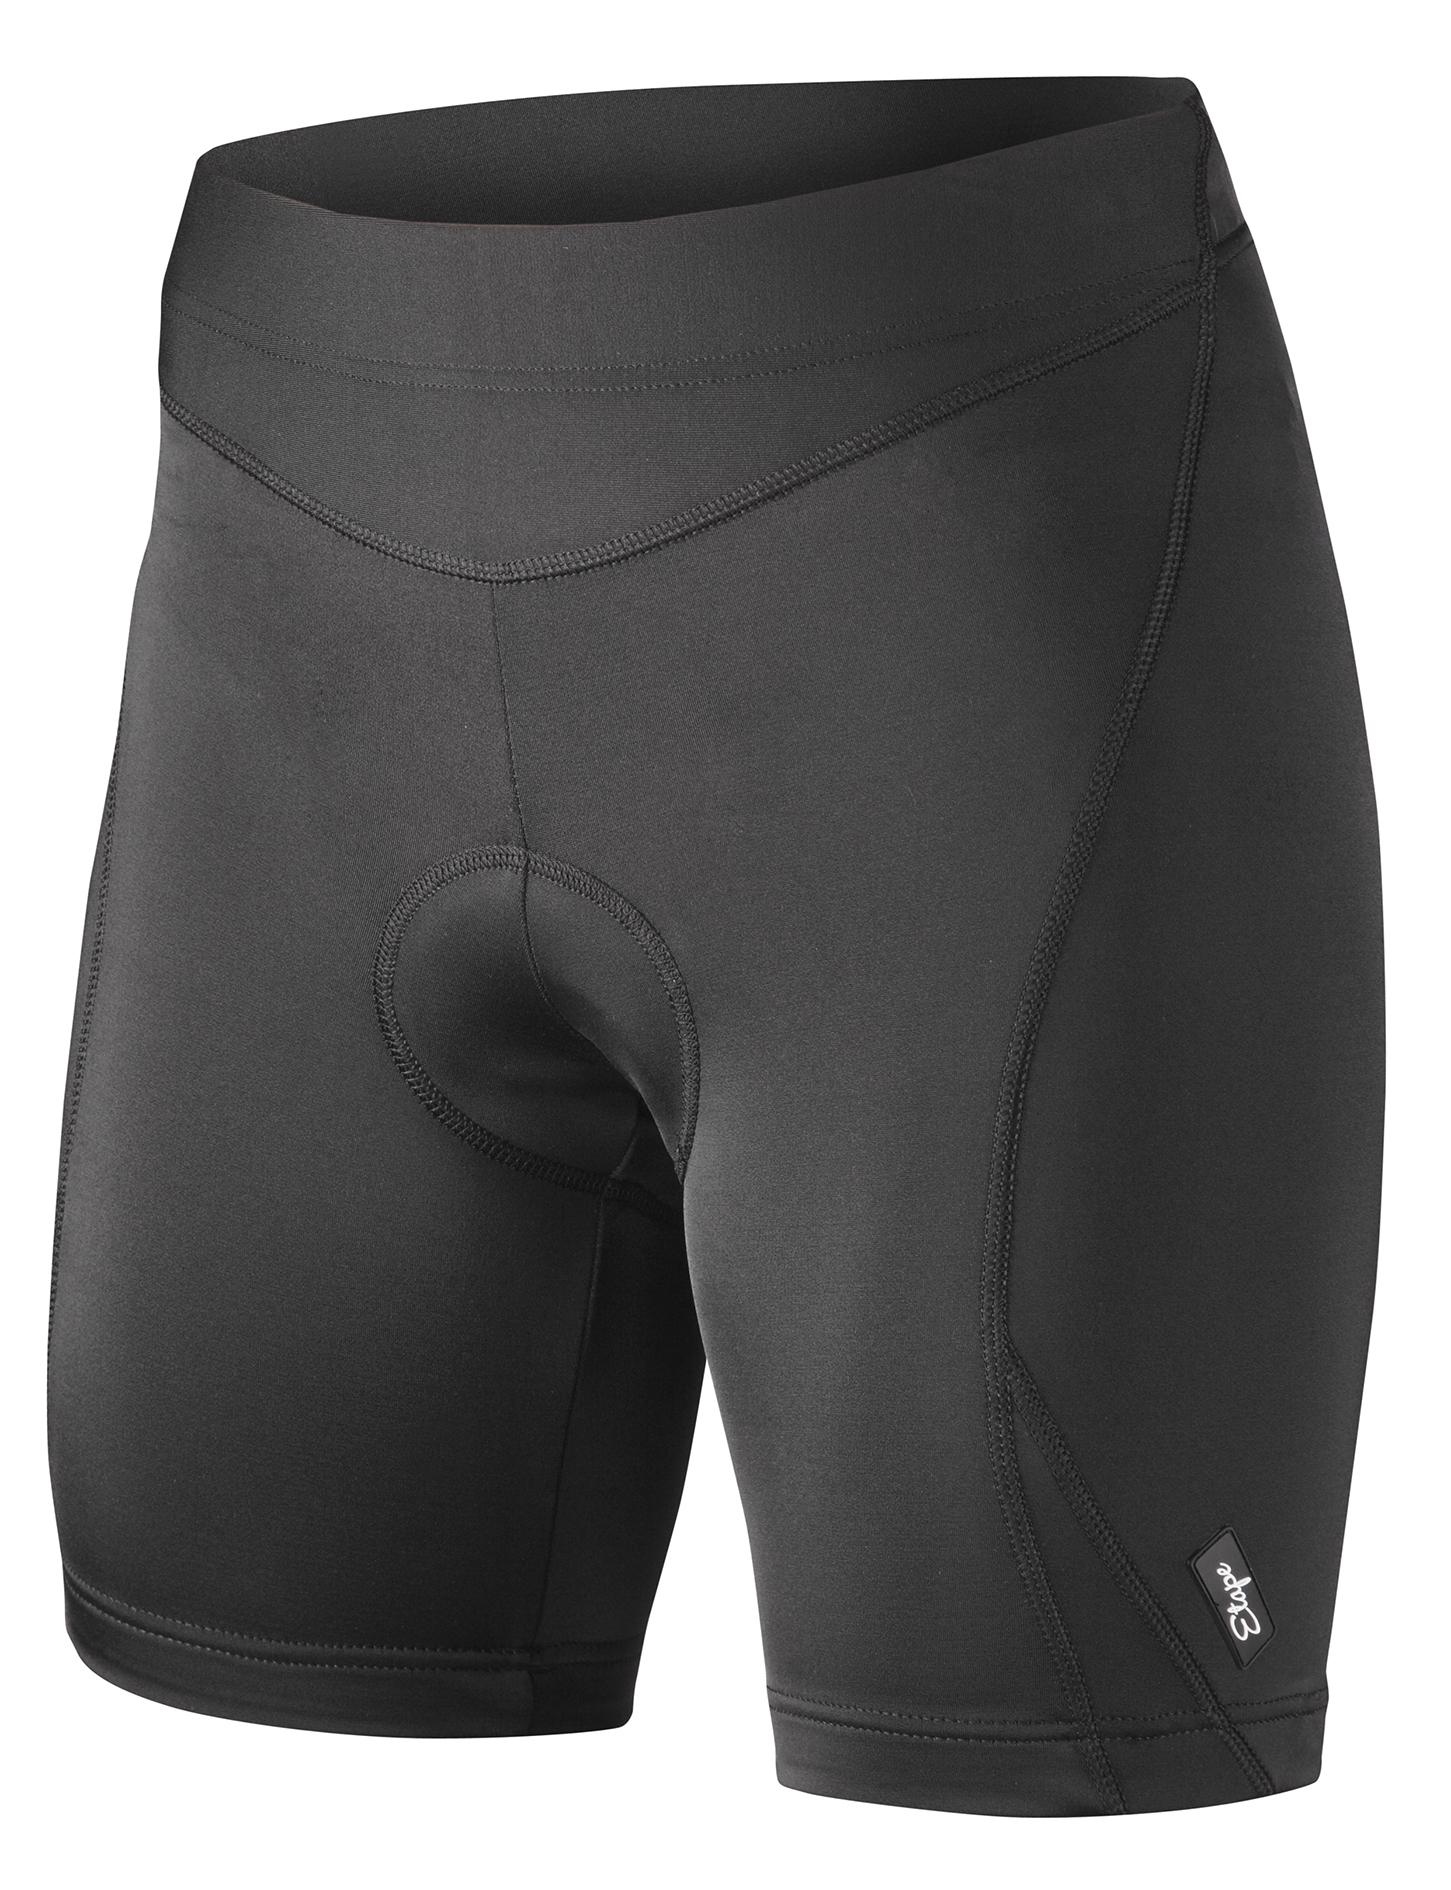 Dámské cyklistické kraťasy ETAPE Natty, vel. XL, černá, s vložkou, model 2017 (Dámské cyklistické kraťasy Etape, s dámskou elastickou vložkou )